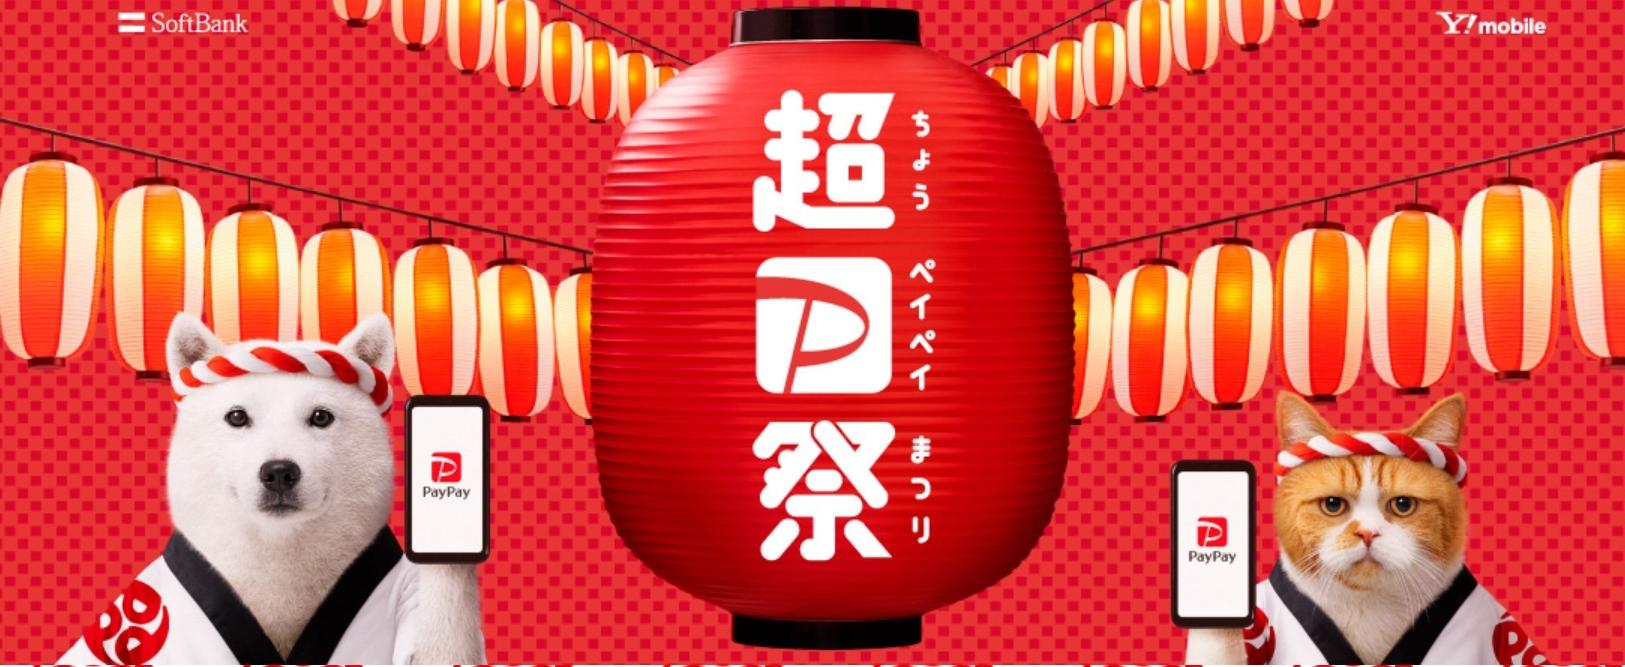 超PayPay祭_Softbank_ワイモバイル_ヤフープレミアム